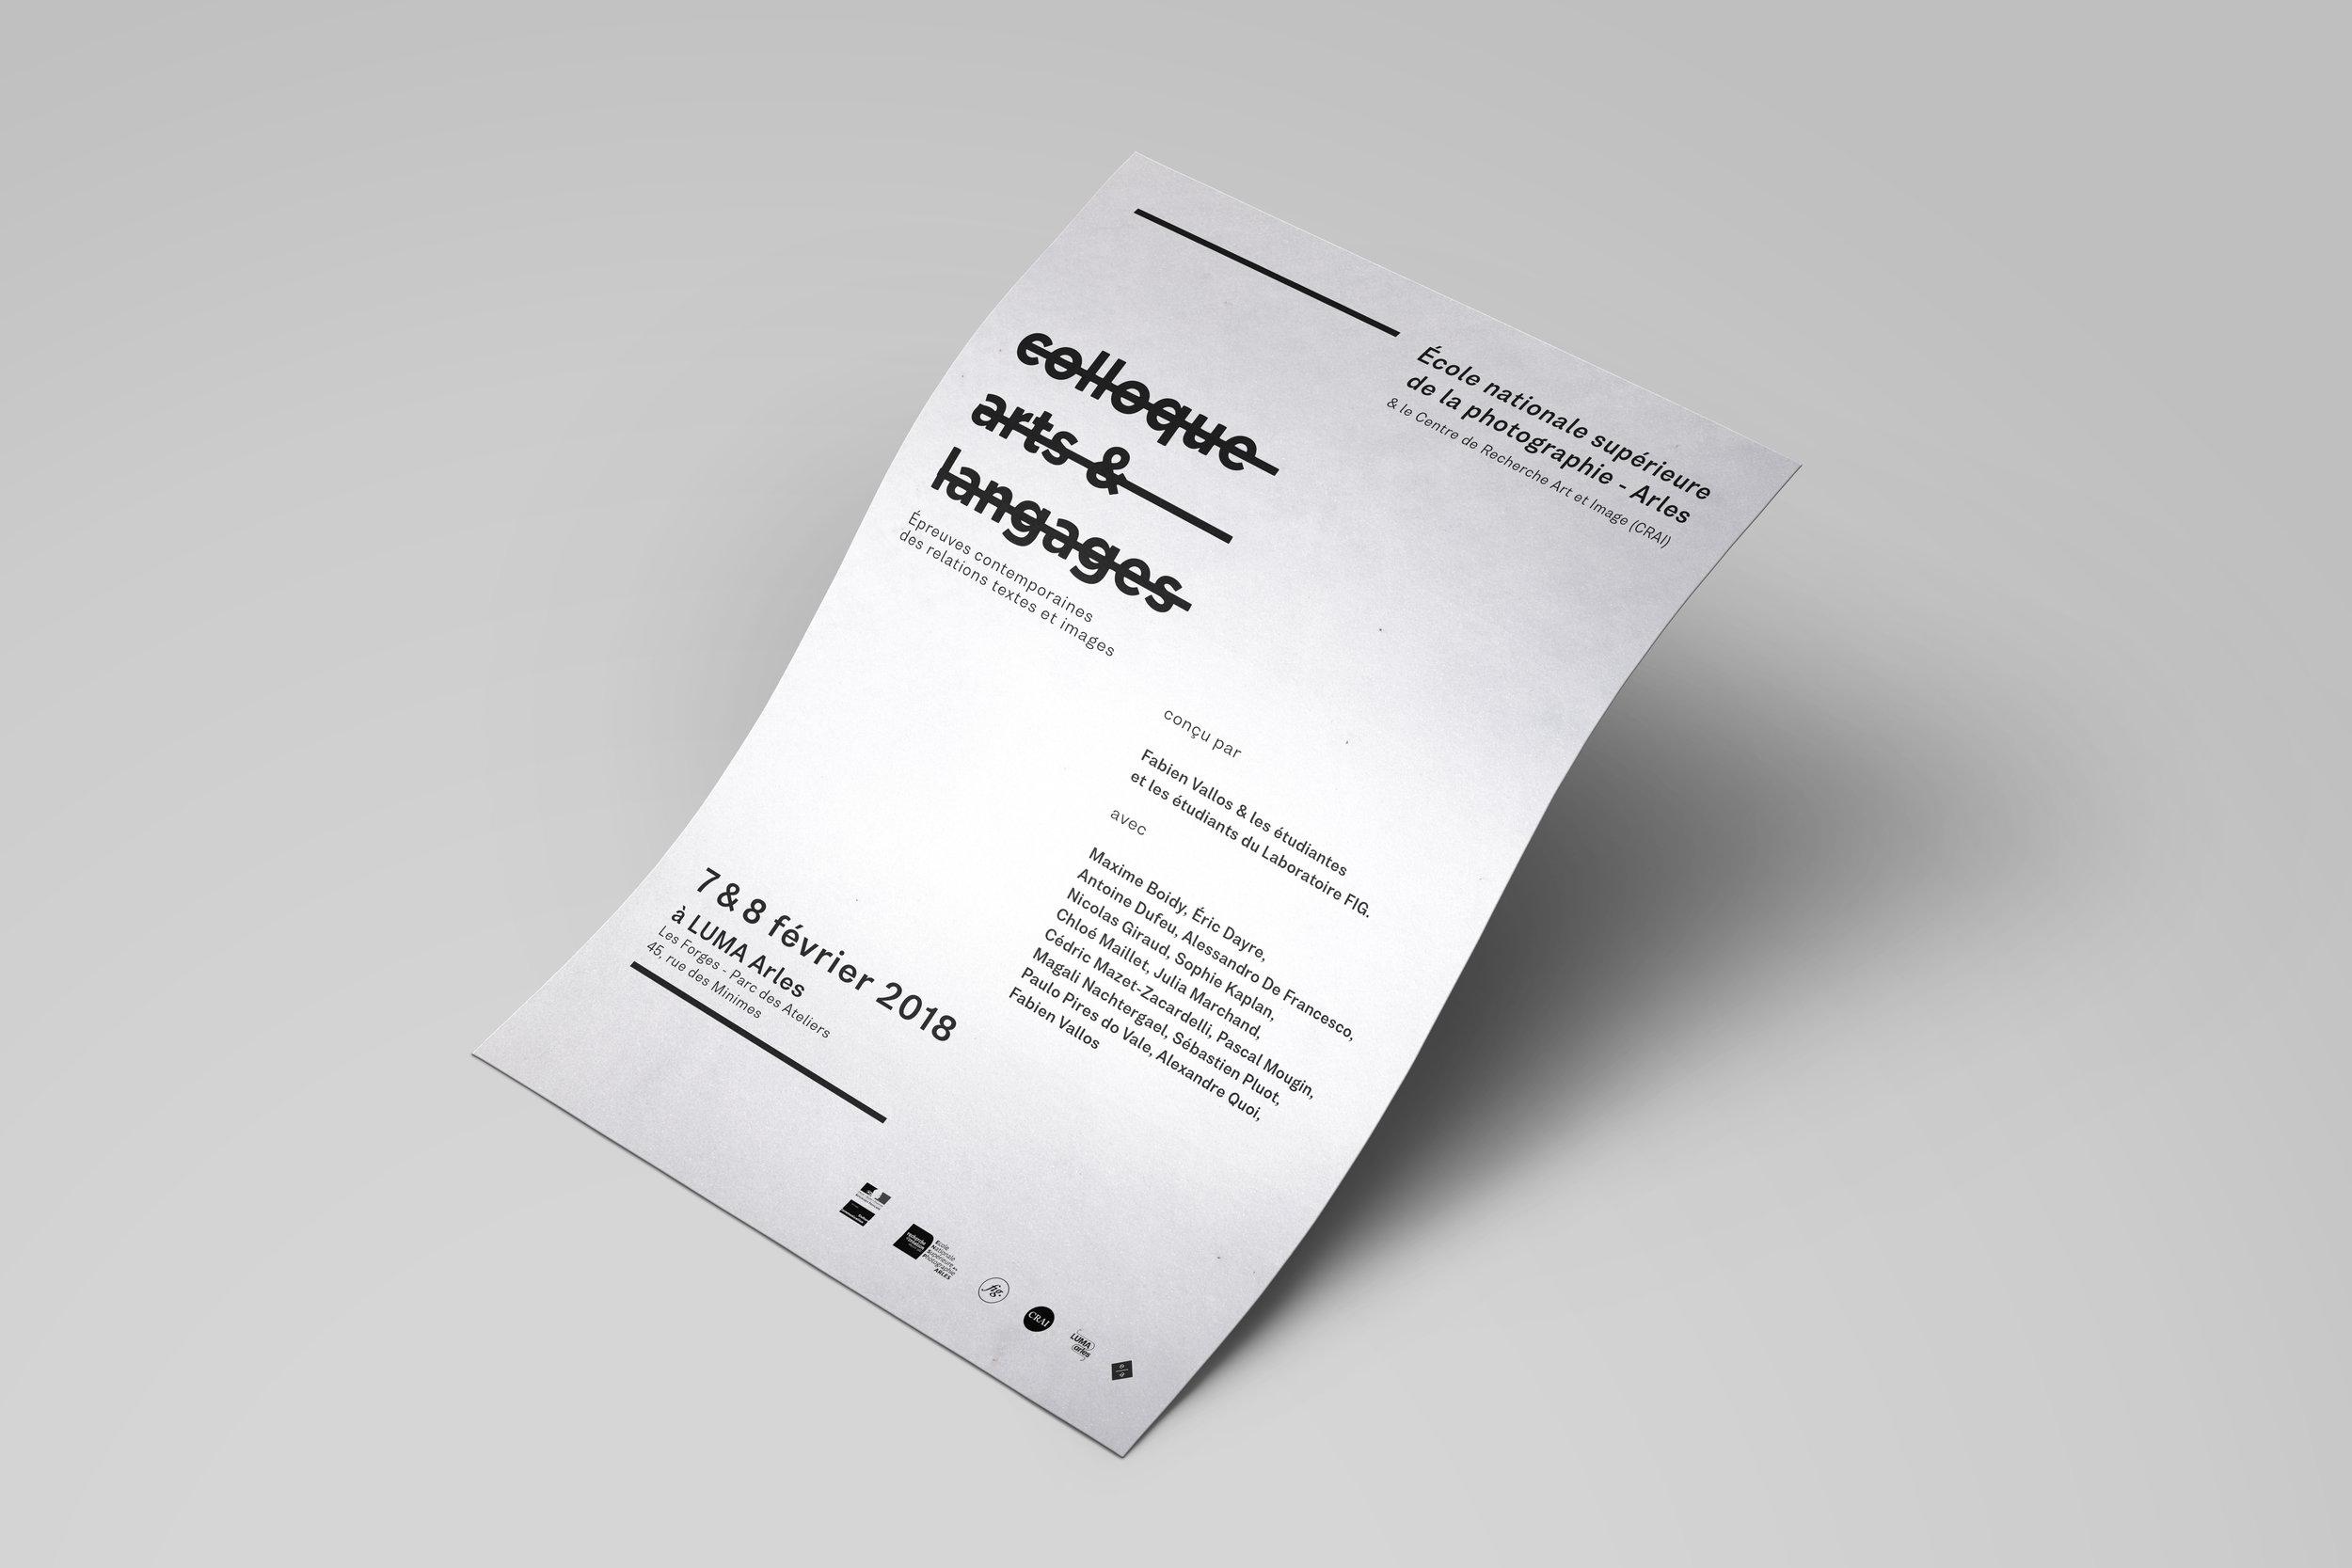 Affiche pour le Colloque Art & Langages conçu par Fabien Vallos, organisépar l'École Nationale Supérieure de la Photographie et la fondation LUMA, Arles, 2018.